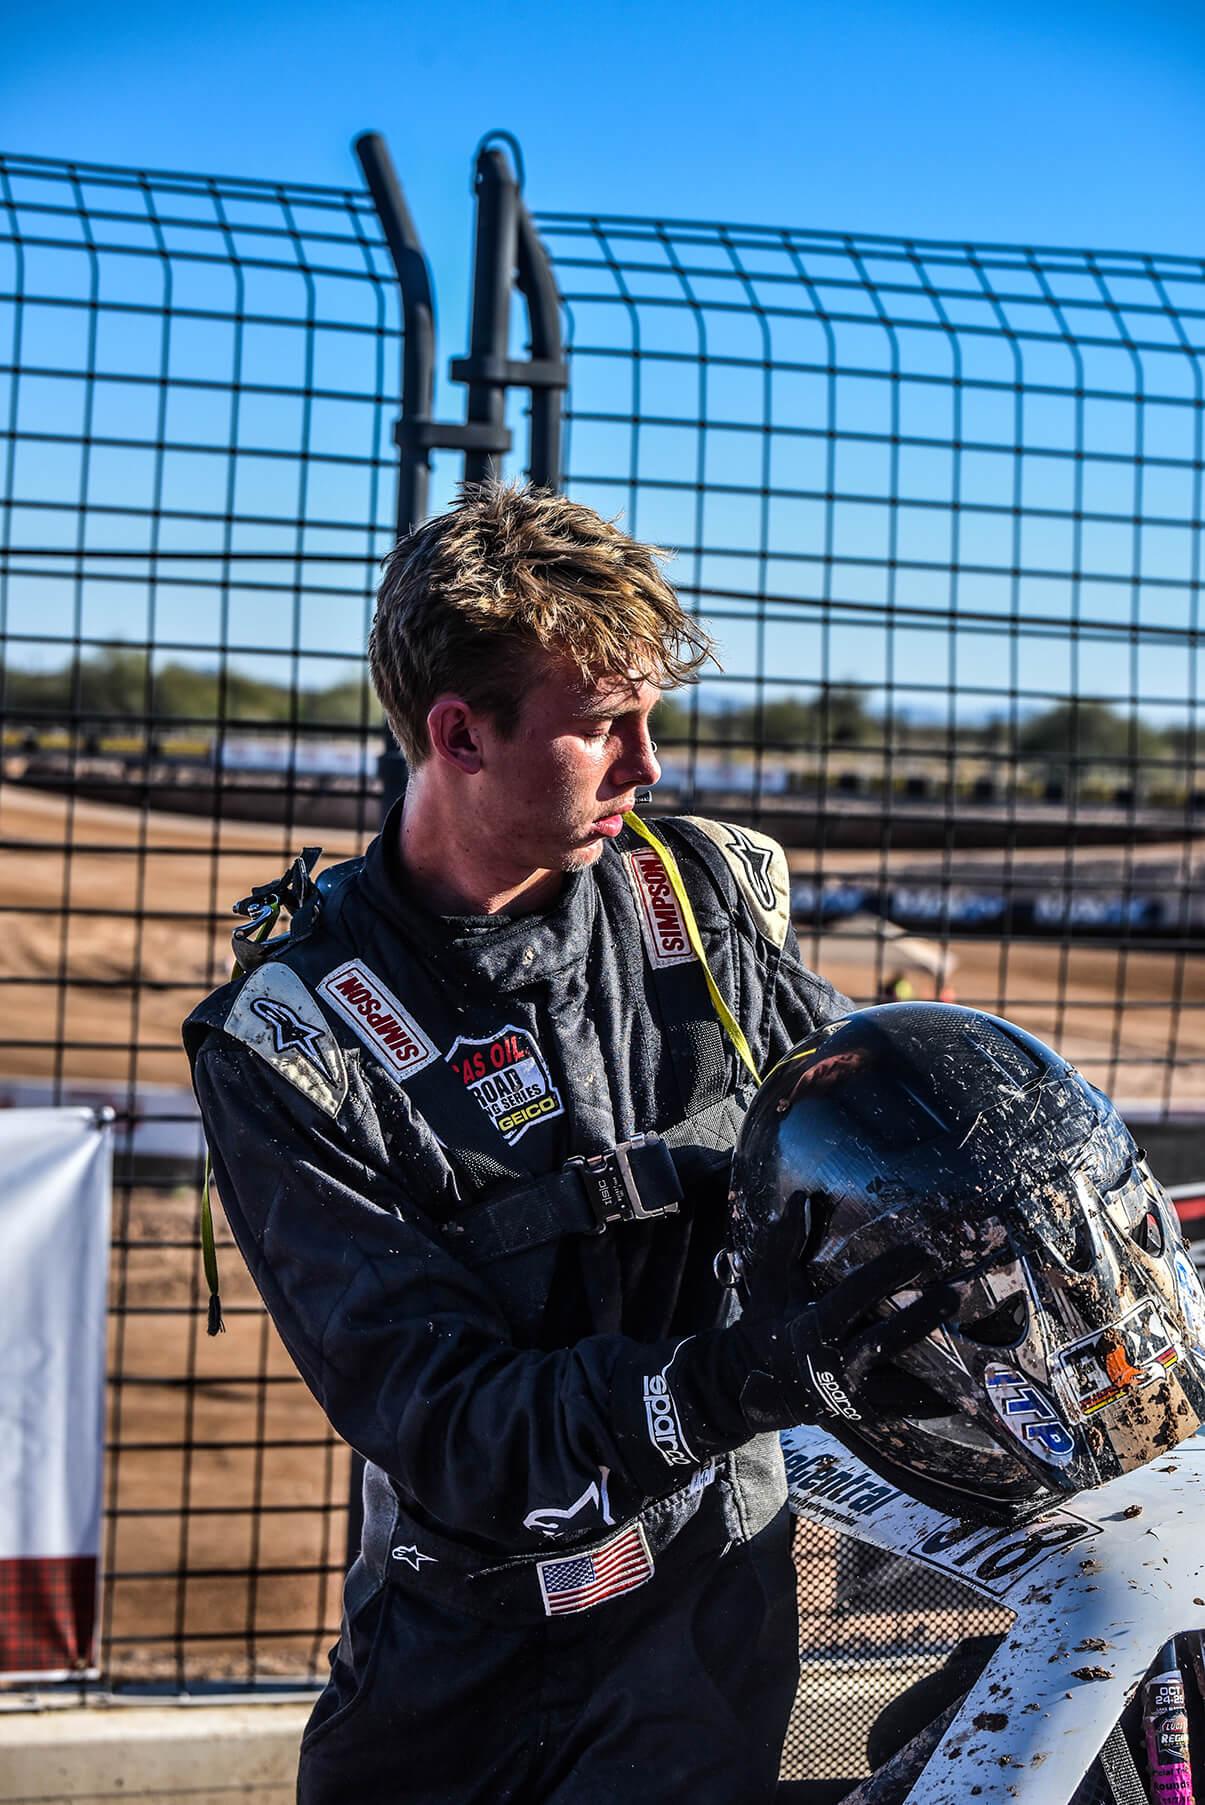 Daely Pentico Racing Helmet